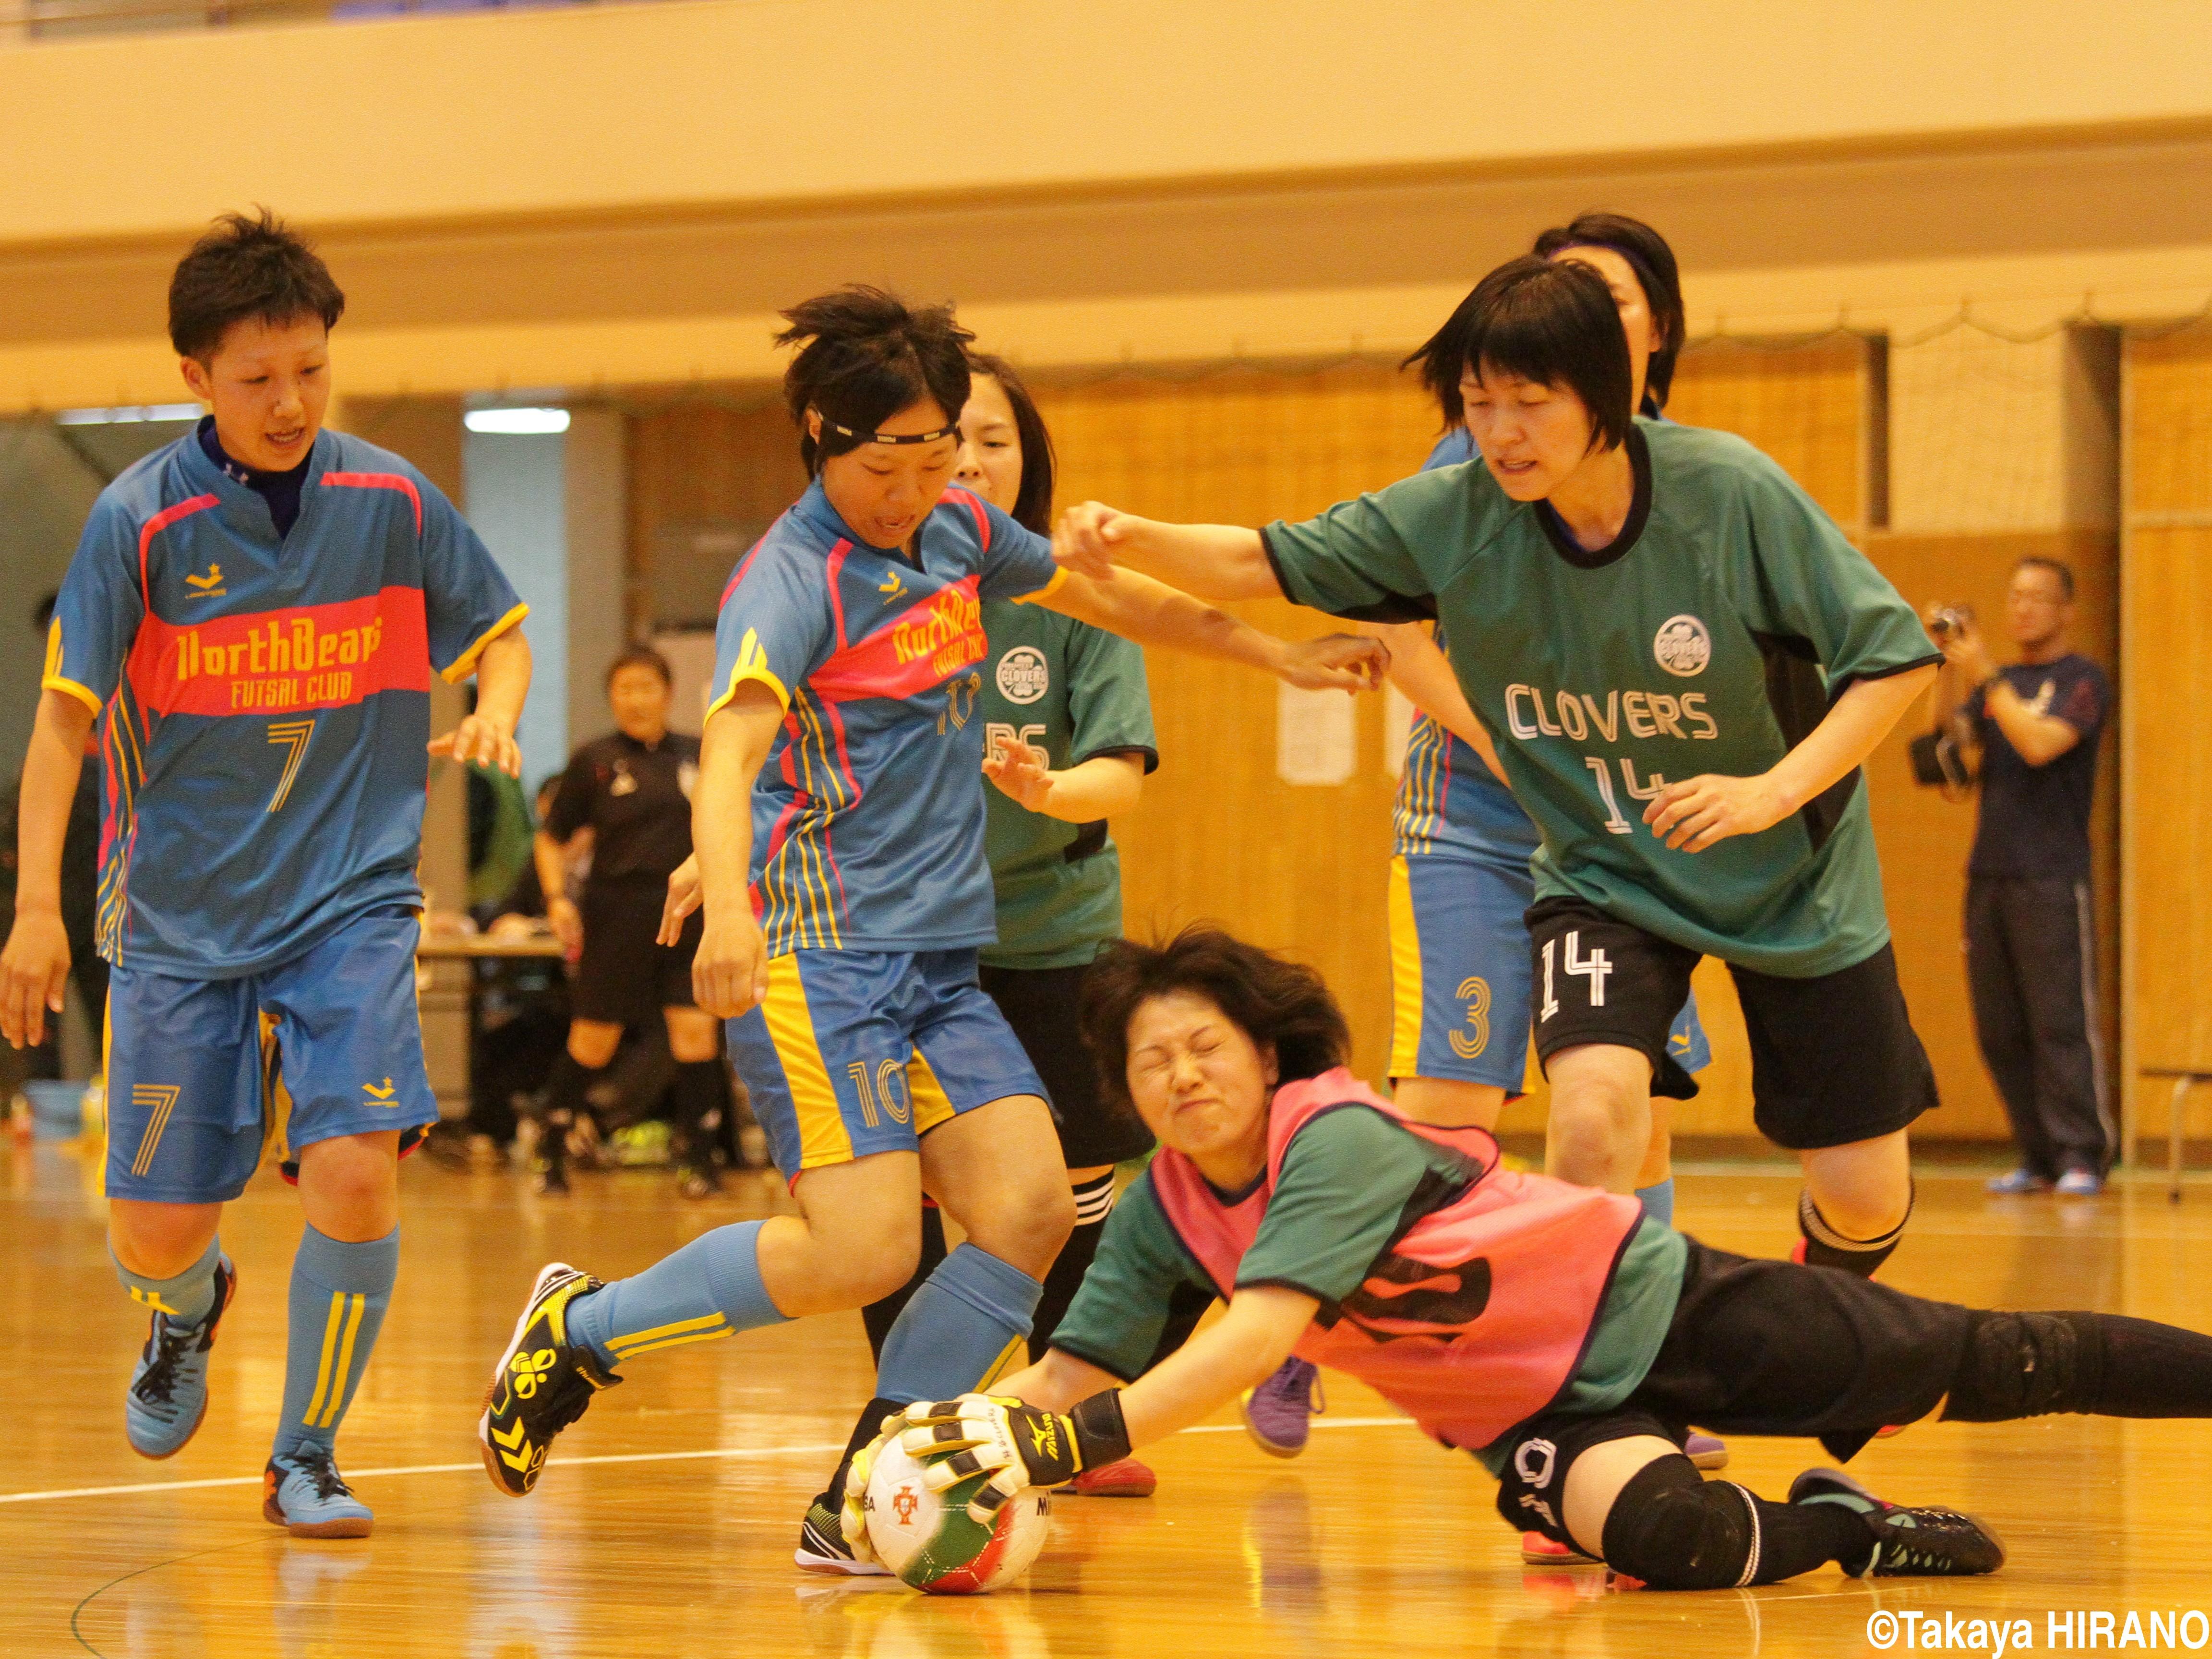 [全国自衛隊サッカー]第3回大会の女子、出場全15チームの雄姿を写真で振り返る(20枚)